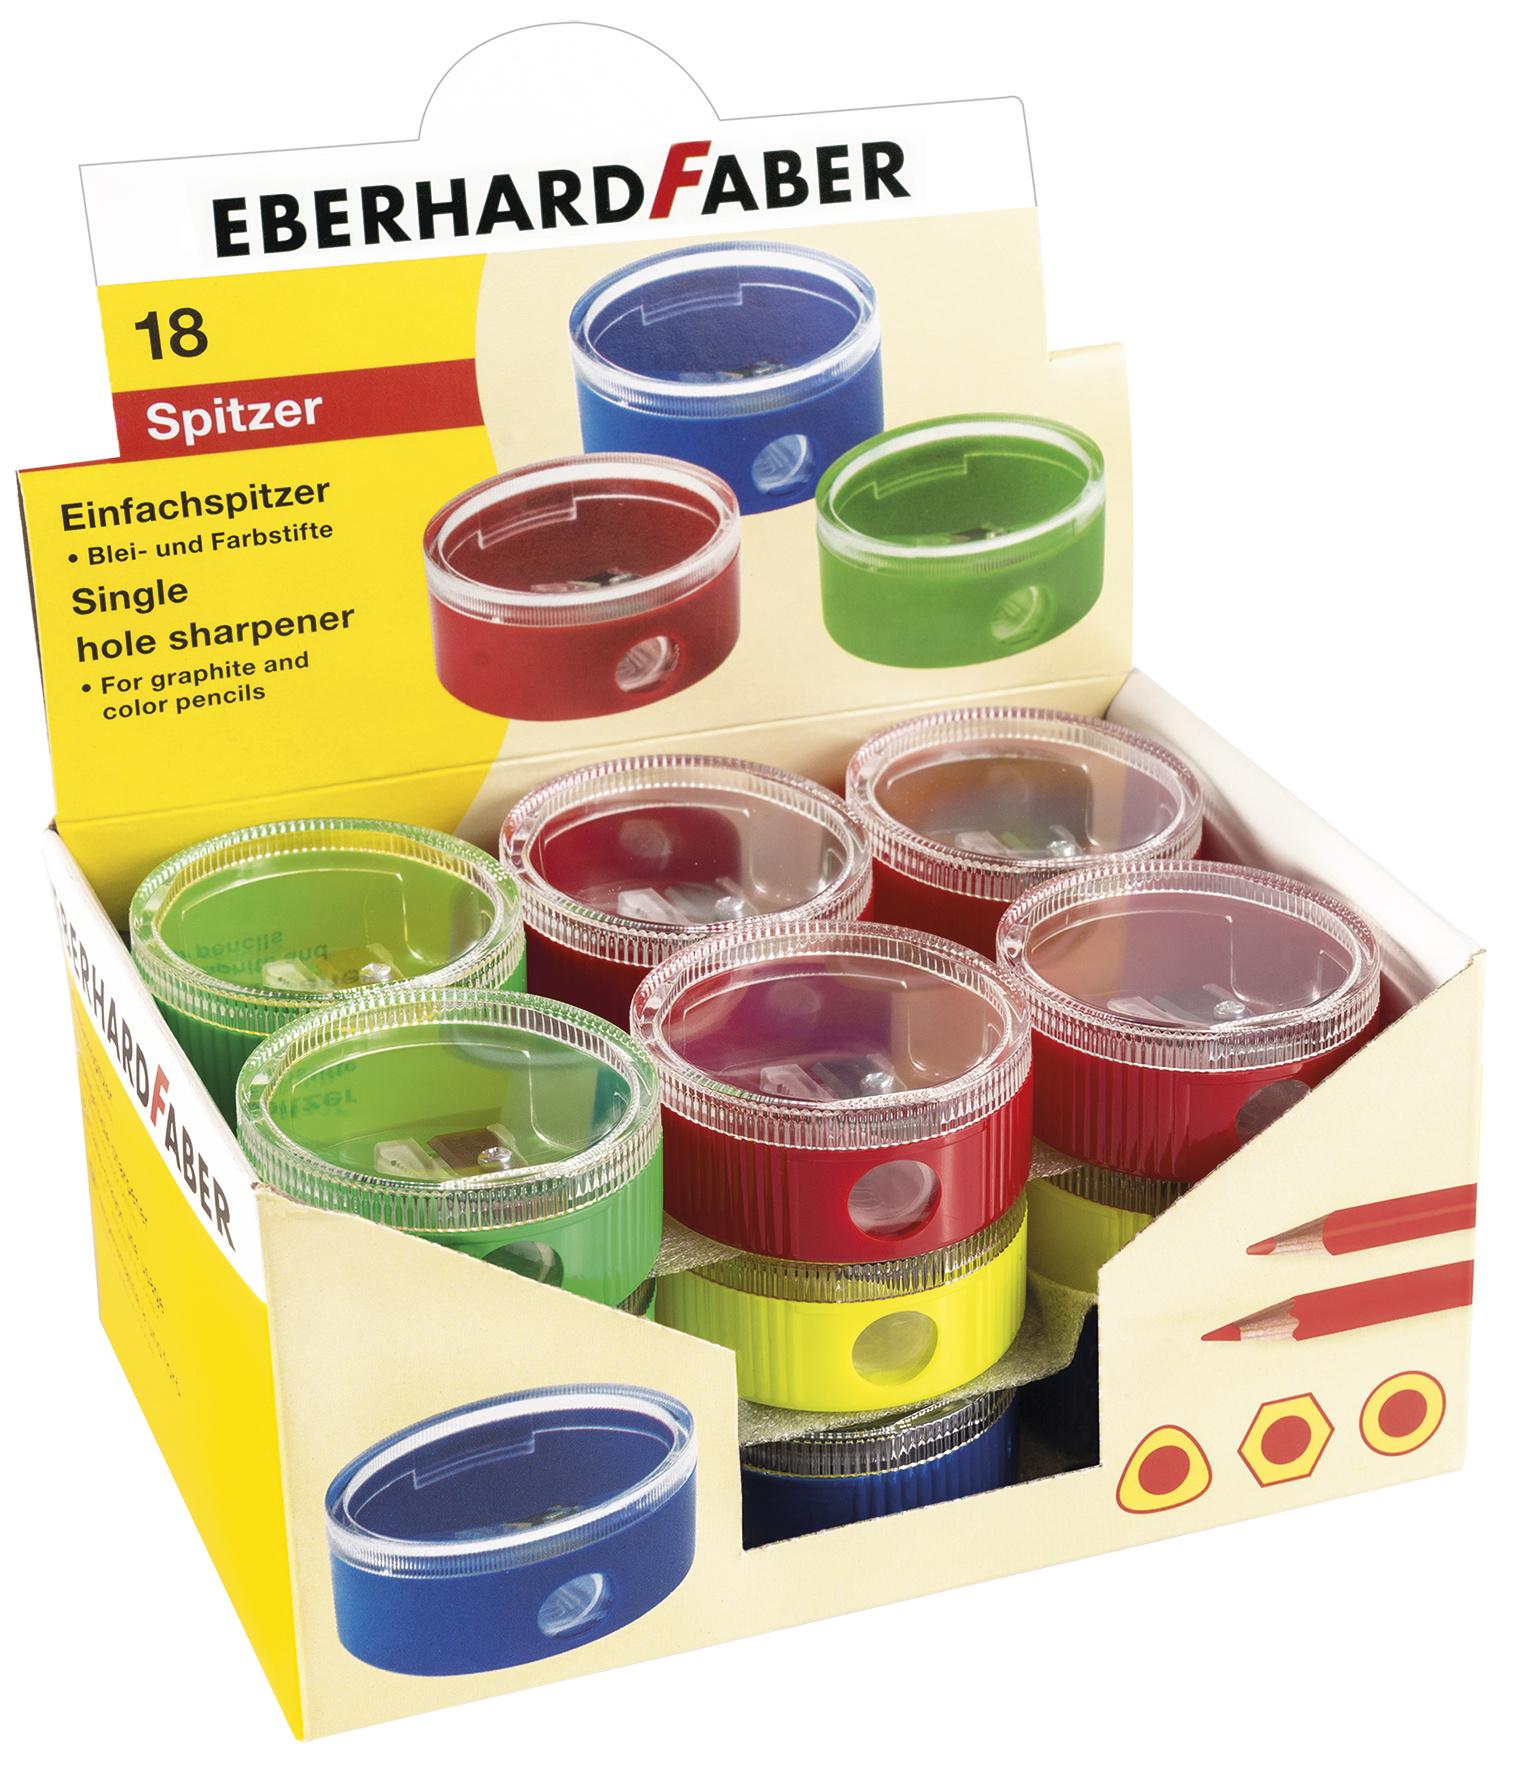 EberhardFaber Einfachspitzdose 18er Schachtel